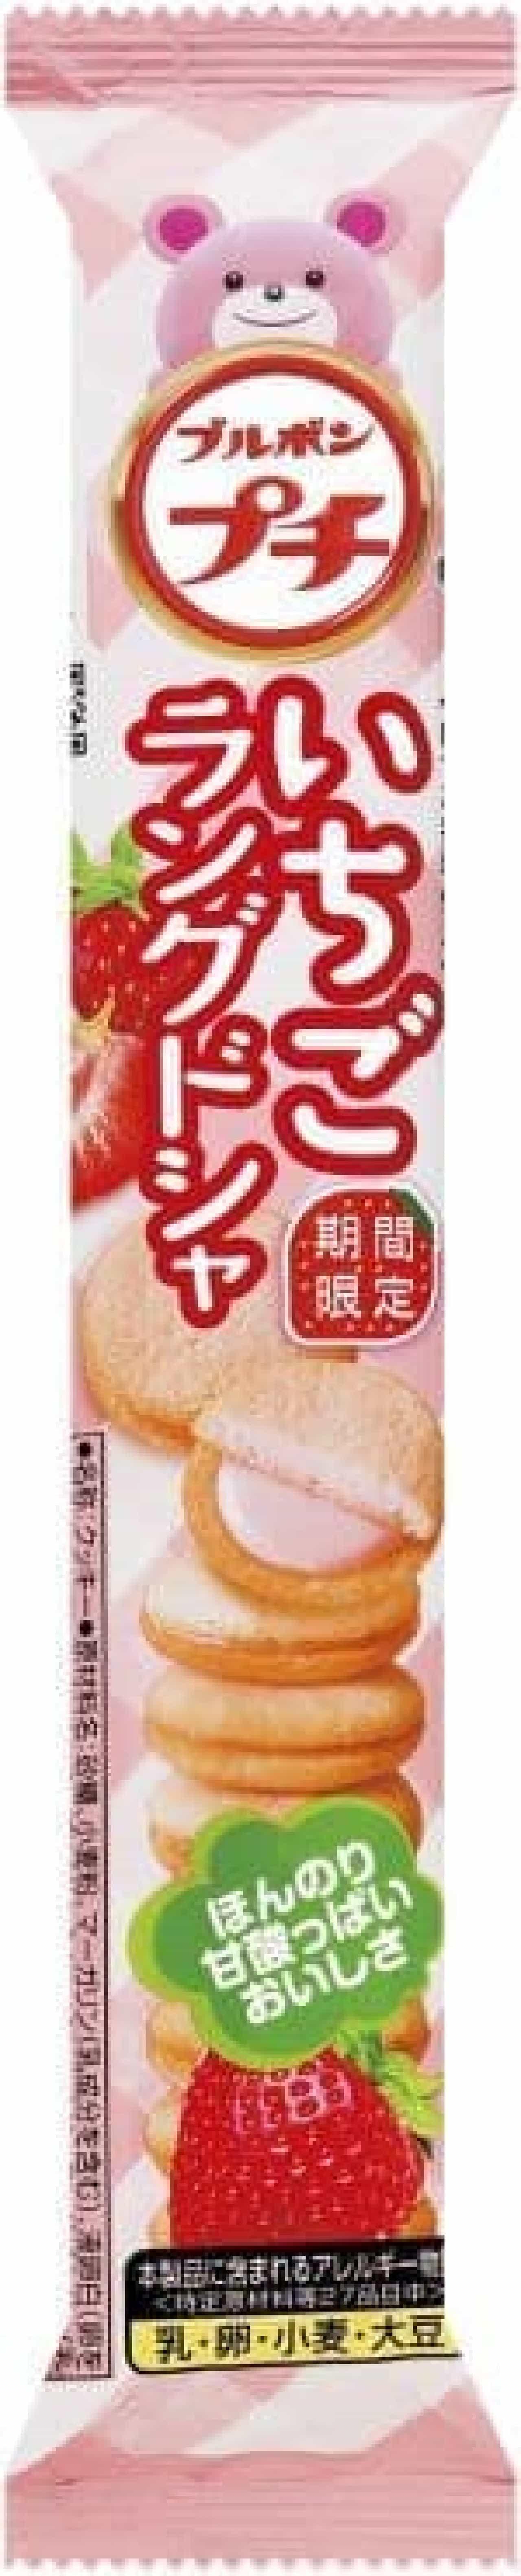 「プチいちごラングドシャ」は、ピンク色をしたサックリ軽い歯ざわりのラングドシャクッキー